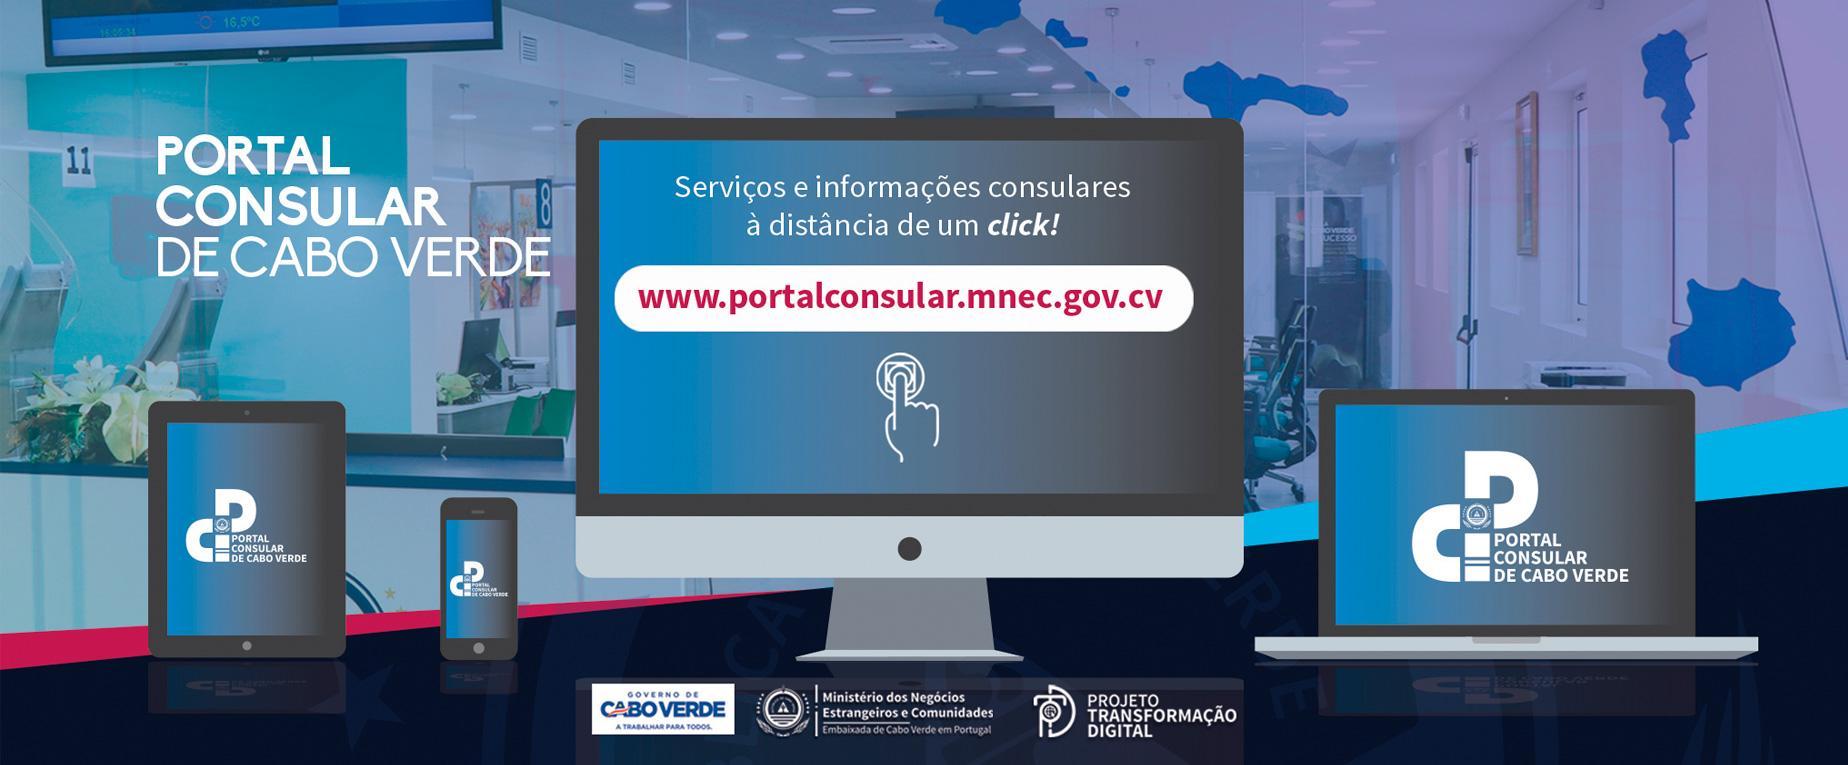 Lançamento do Portal Consular de Cabo Verde